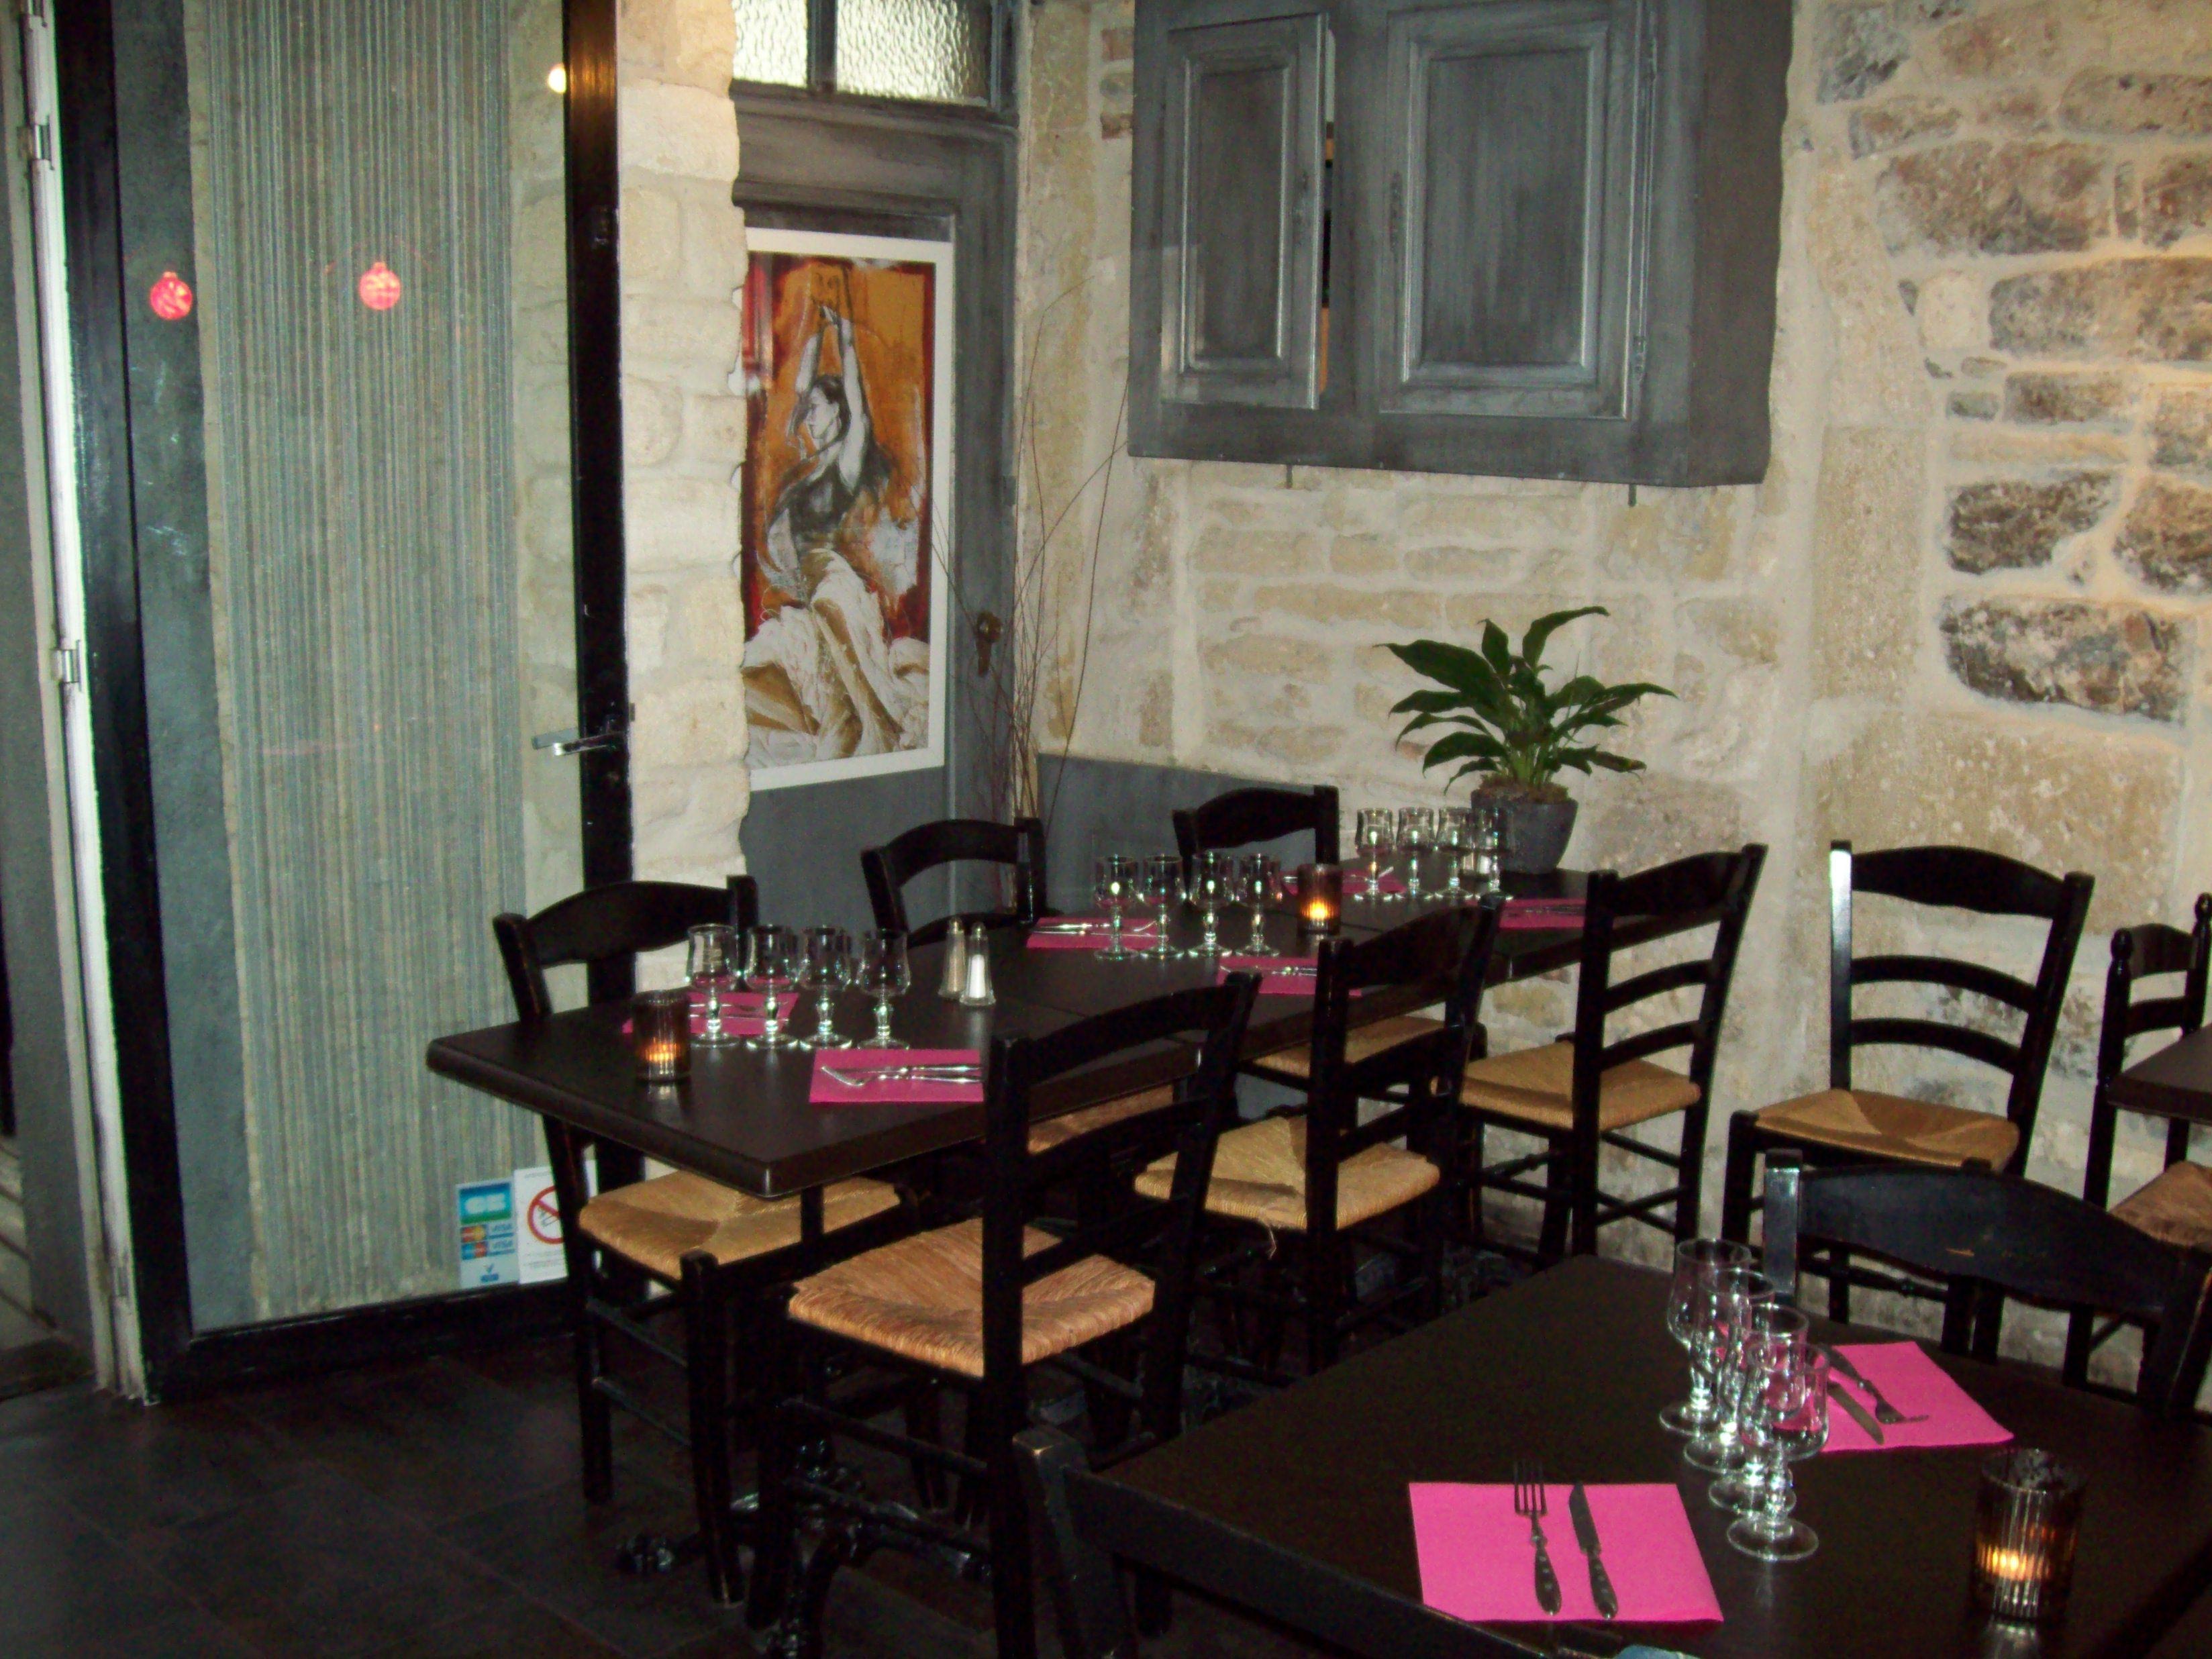 Restaurant le marais aigues mortes - Restaurant le marais hyeres ...